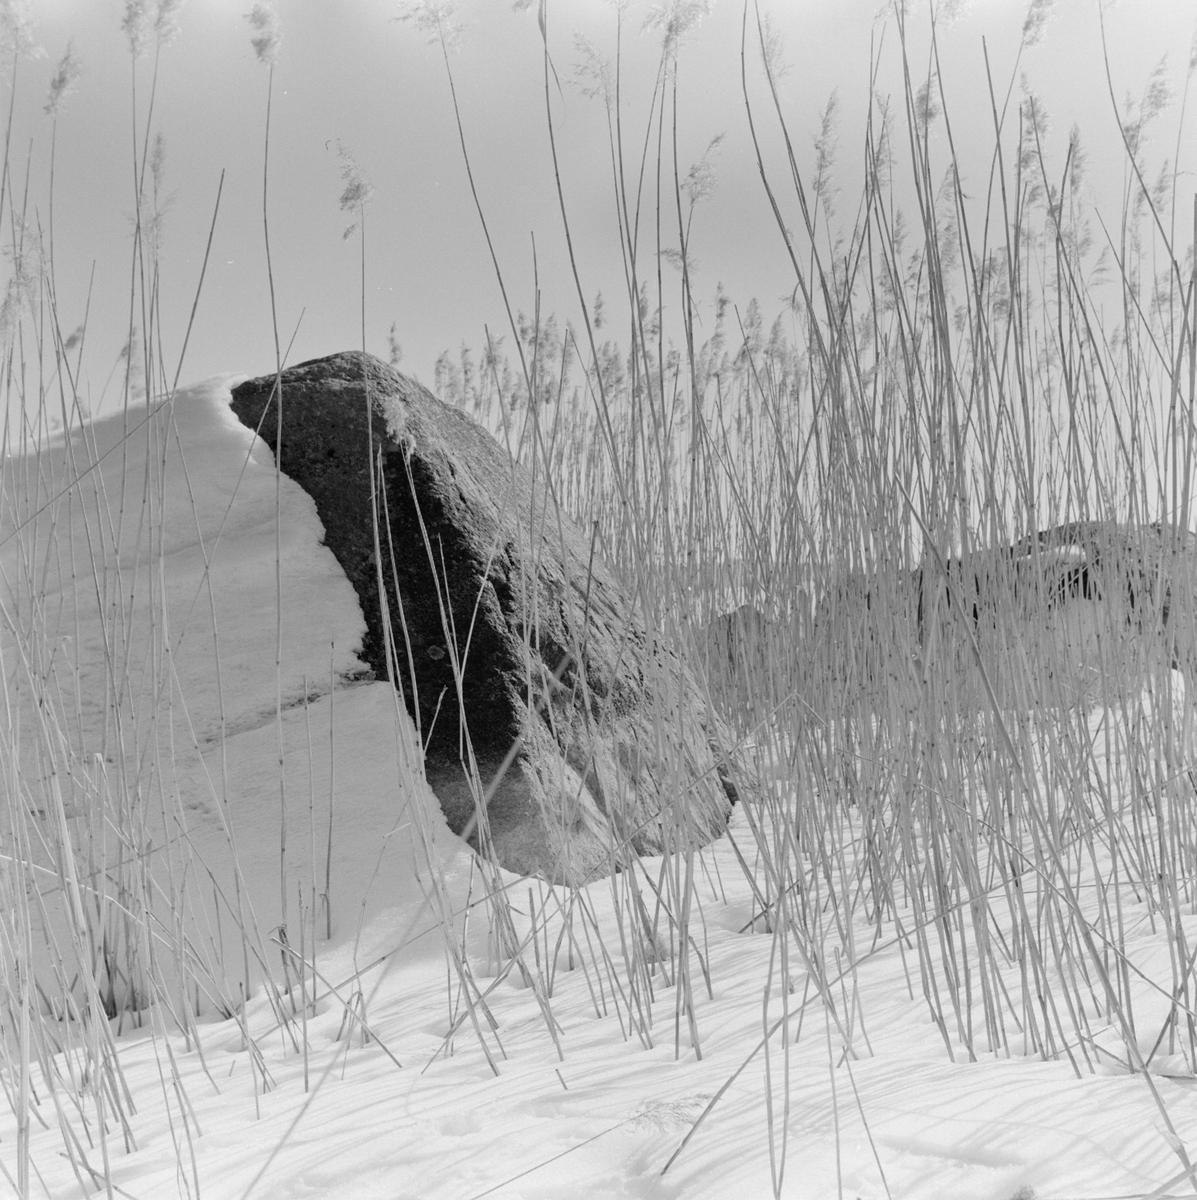 Berghäll vid Mälarens strand i Fagerudd, Enköping, Uppland 1961